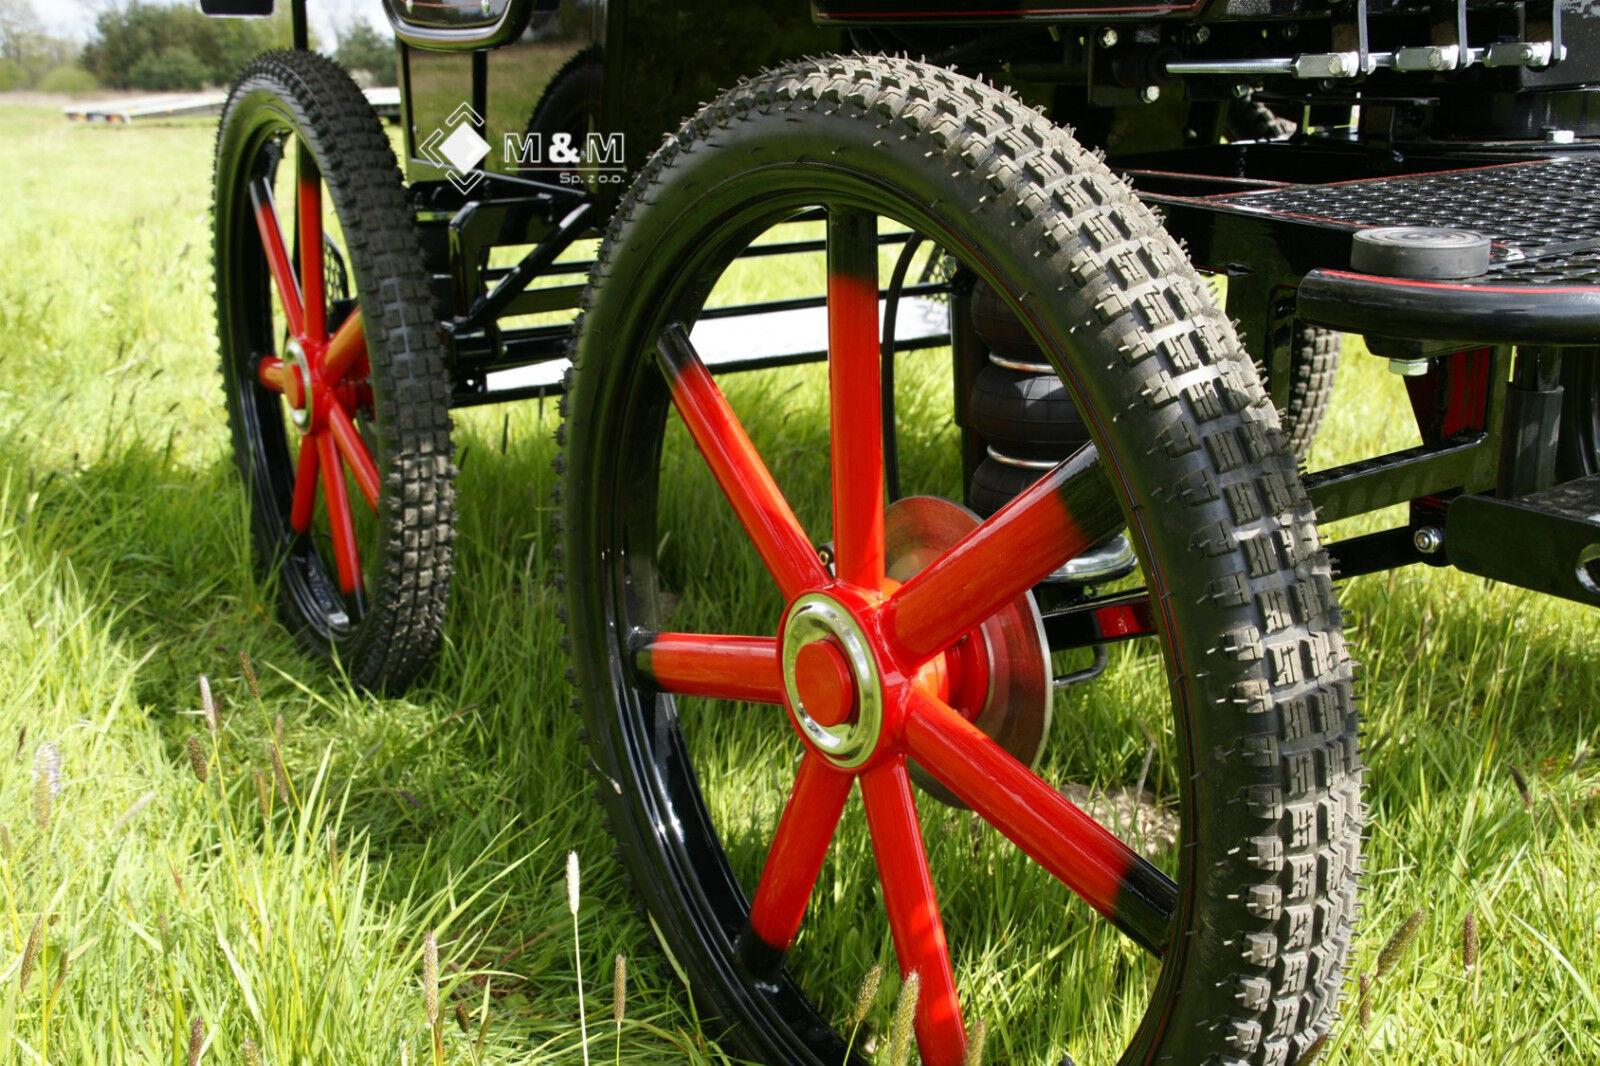 NEU Reifendecke 2.50-16 K K K schwarz Reifen Kutschereifen Kutsche Teile 024182